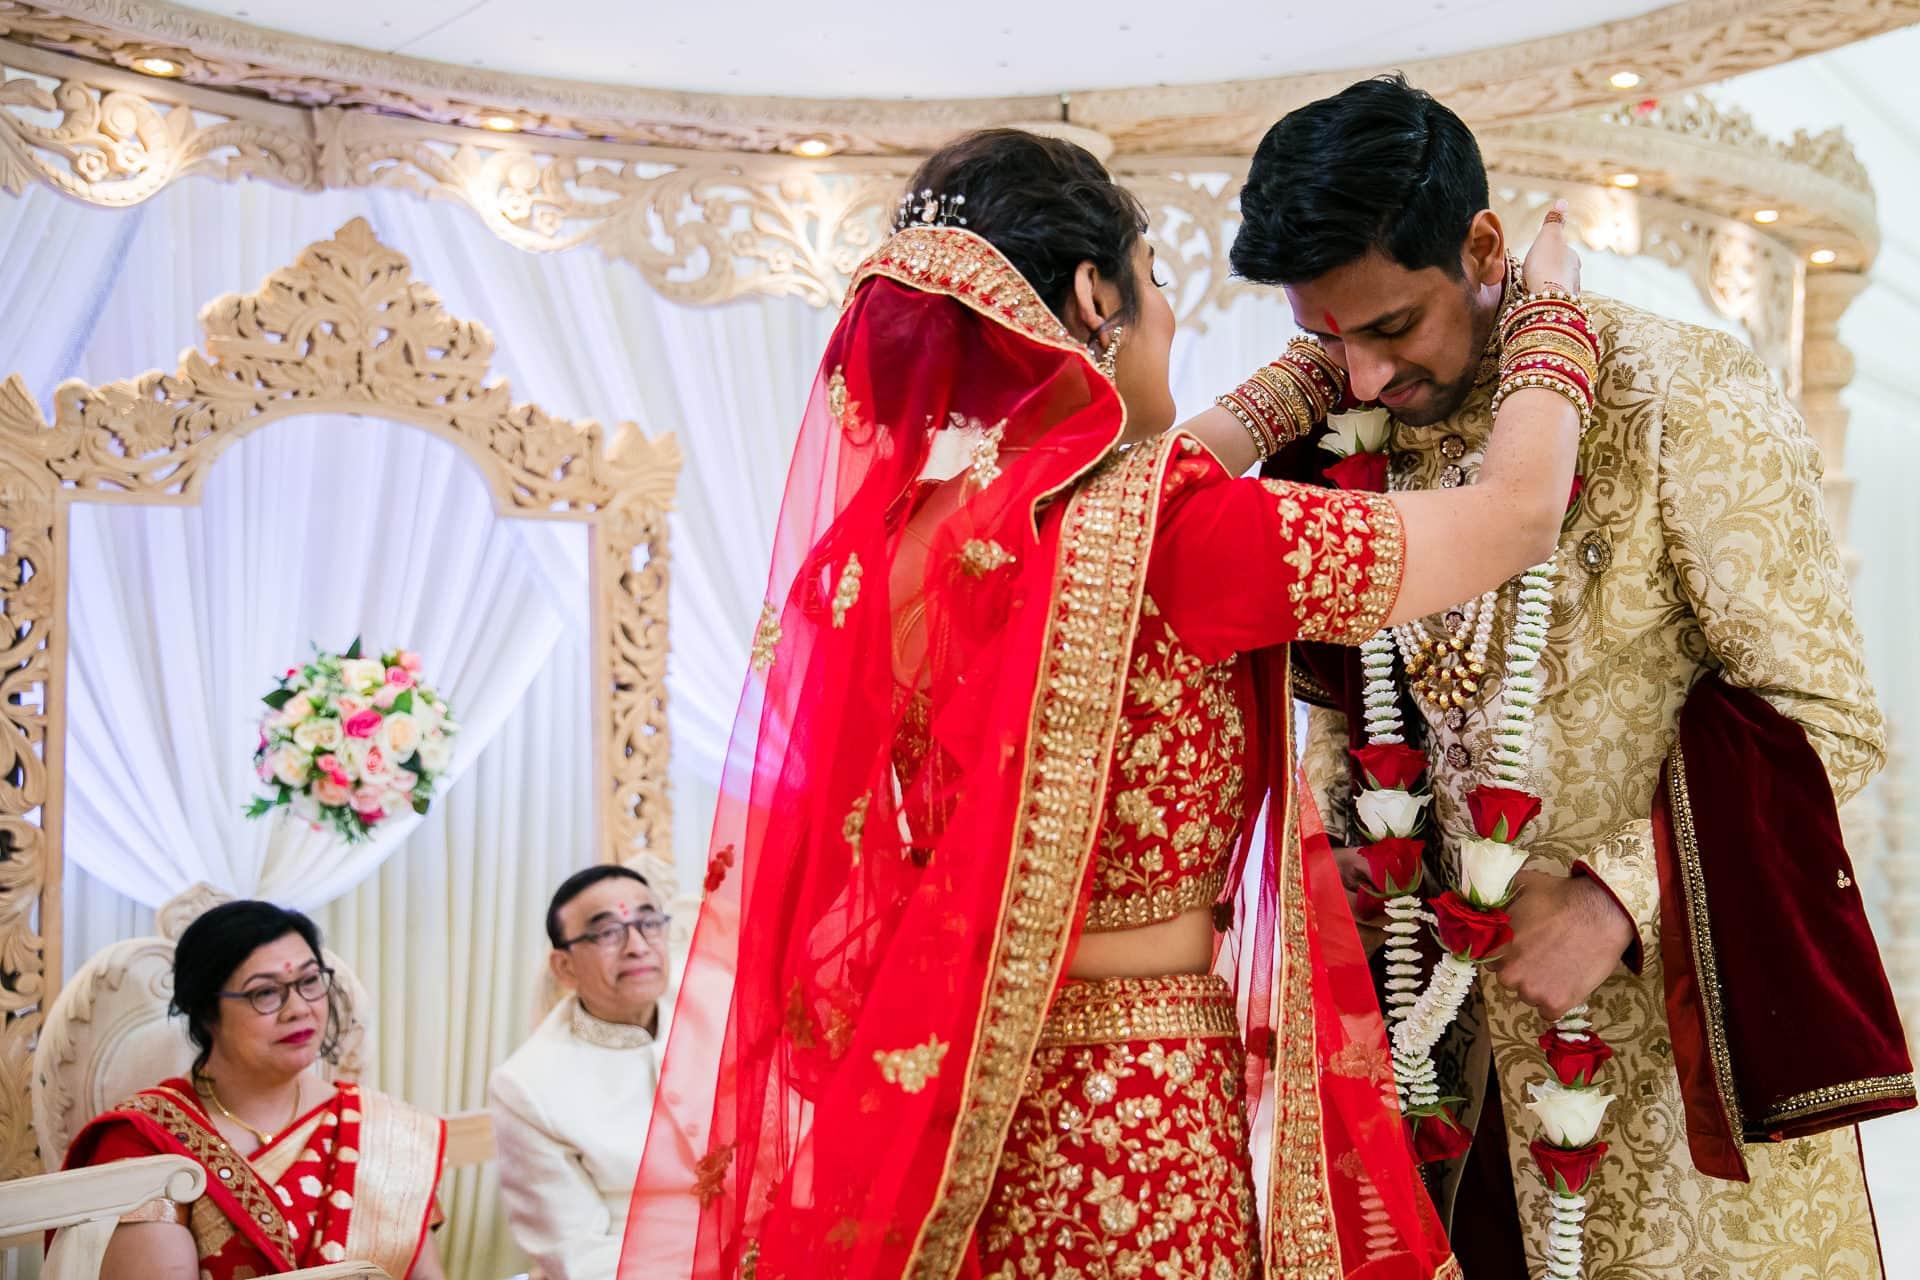 Garlanding ceremony during Gujarati wedding